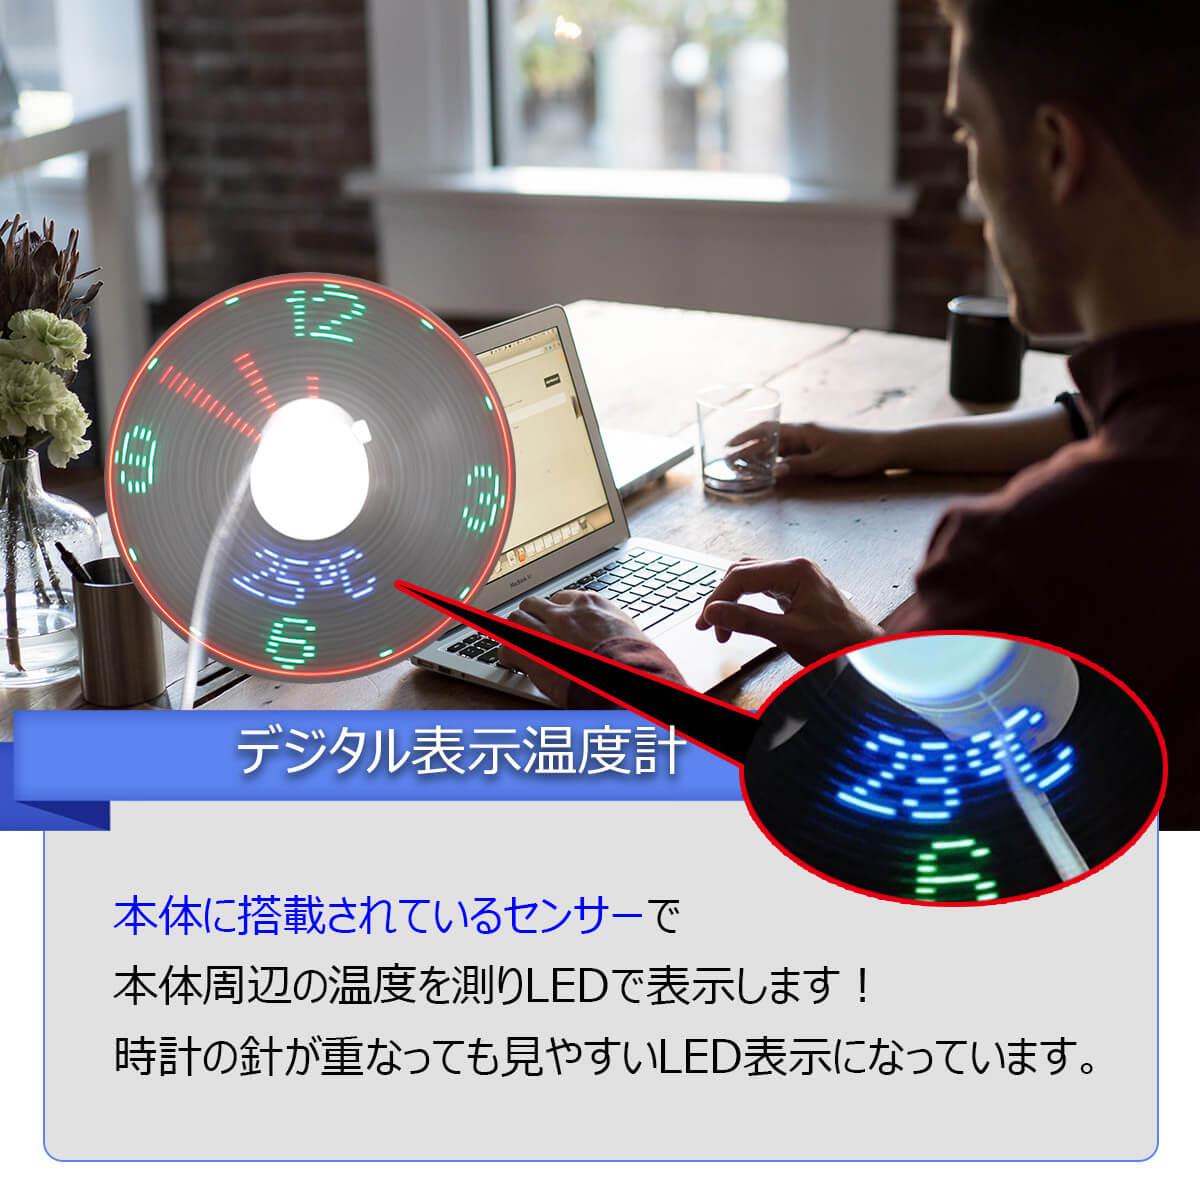 USB接続小型卓上タッチ操作式扇風機